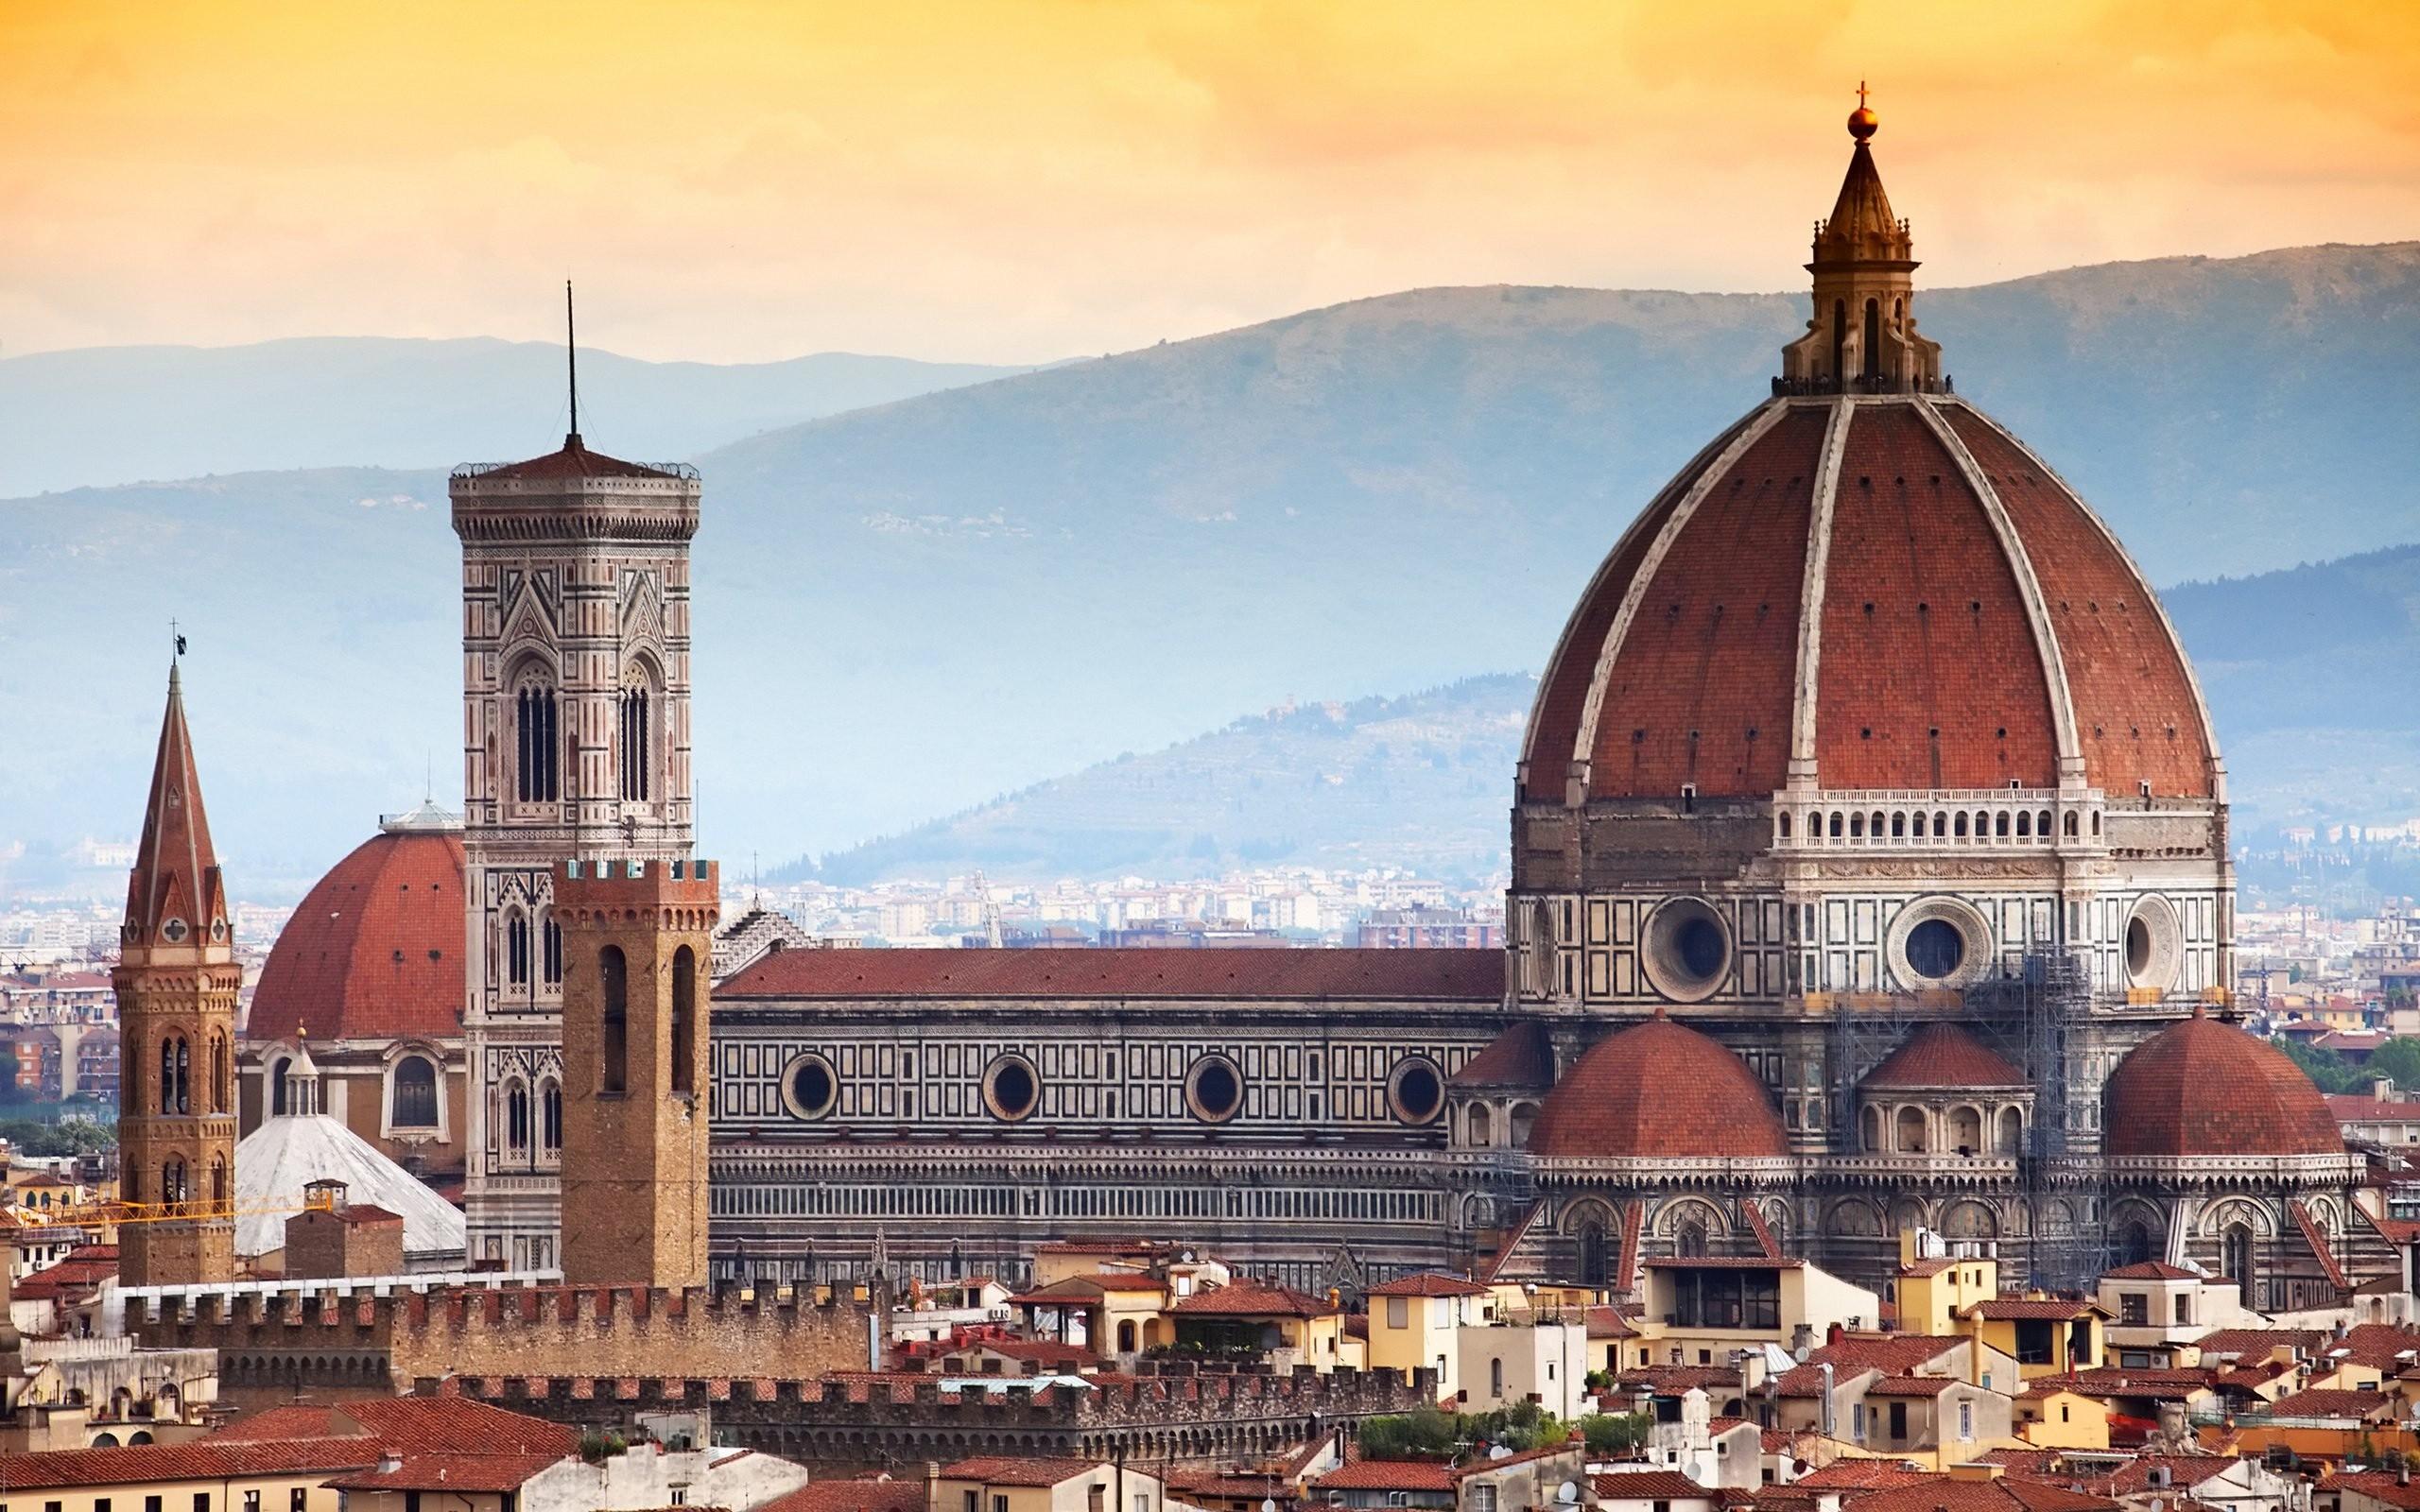 デスクトップ壁紙  都市景観, イタリア, 建物, 観光, タウン